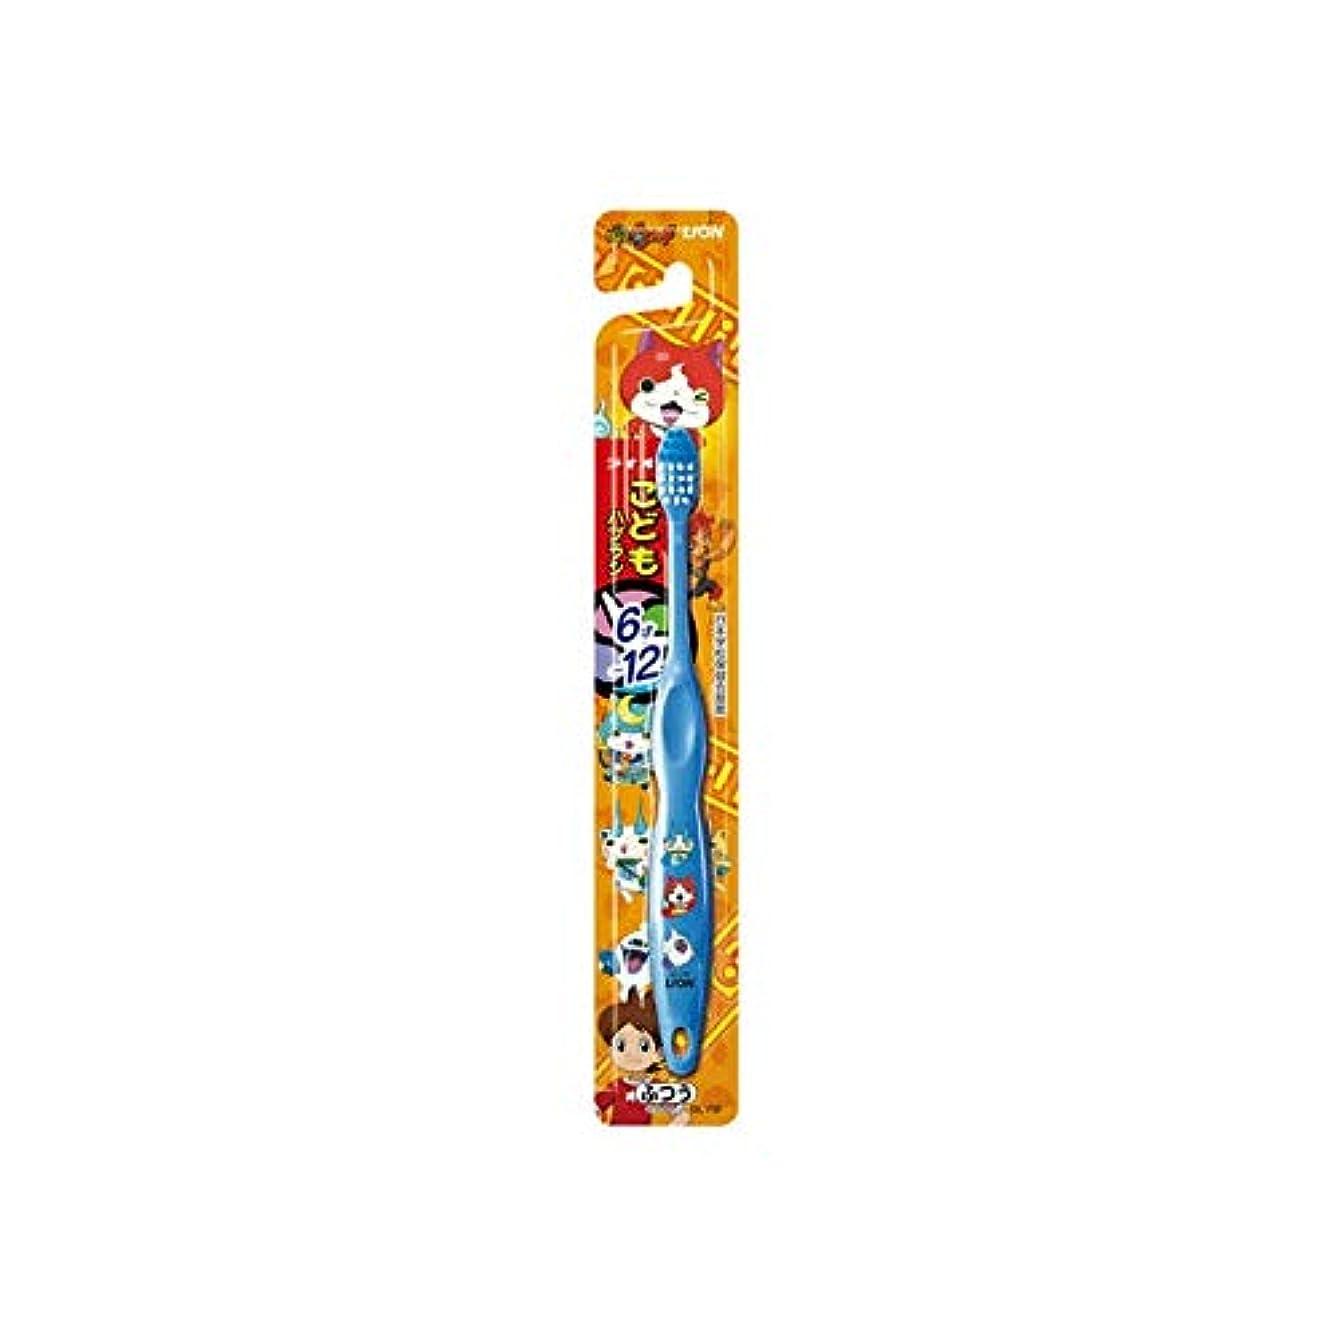 ヒョウ有名冷凍庫ライオン ライオン こどもハブラシ 妖怪ウォッチ 6ー12才用